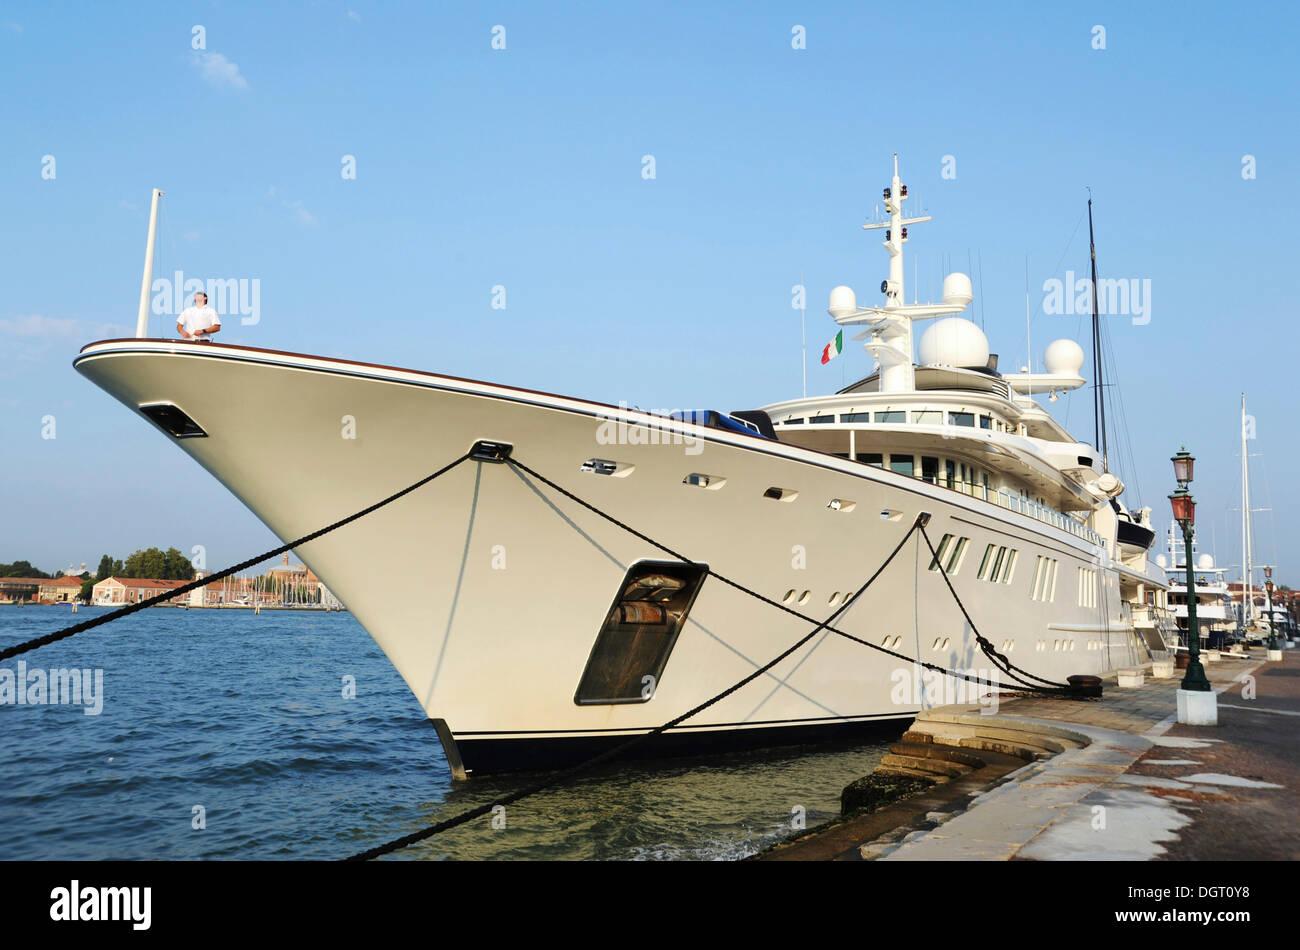 Tatoosh Mega Yacht Von Microsoft Mitbegrunder Paul Allen 92 M Nr